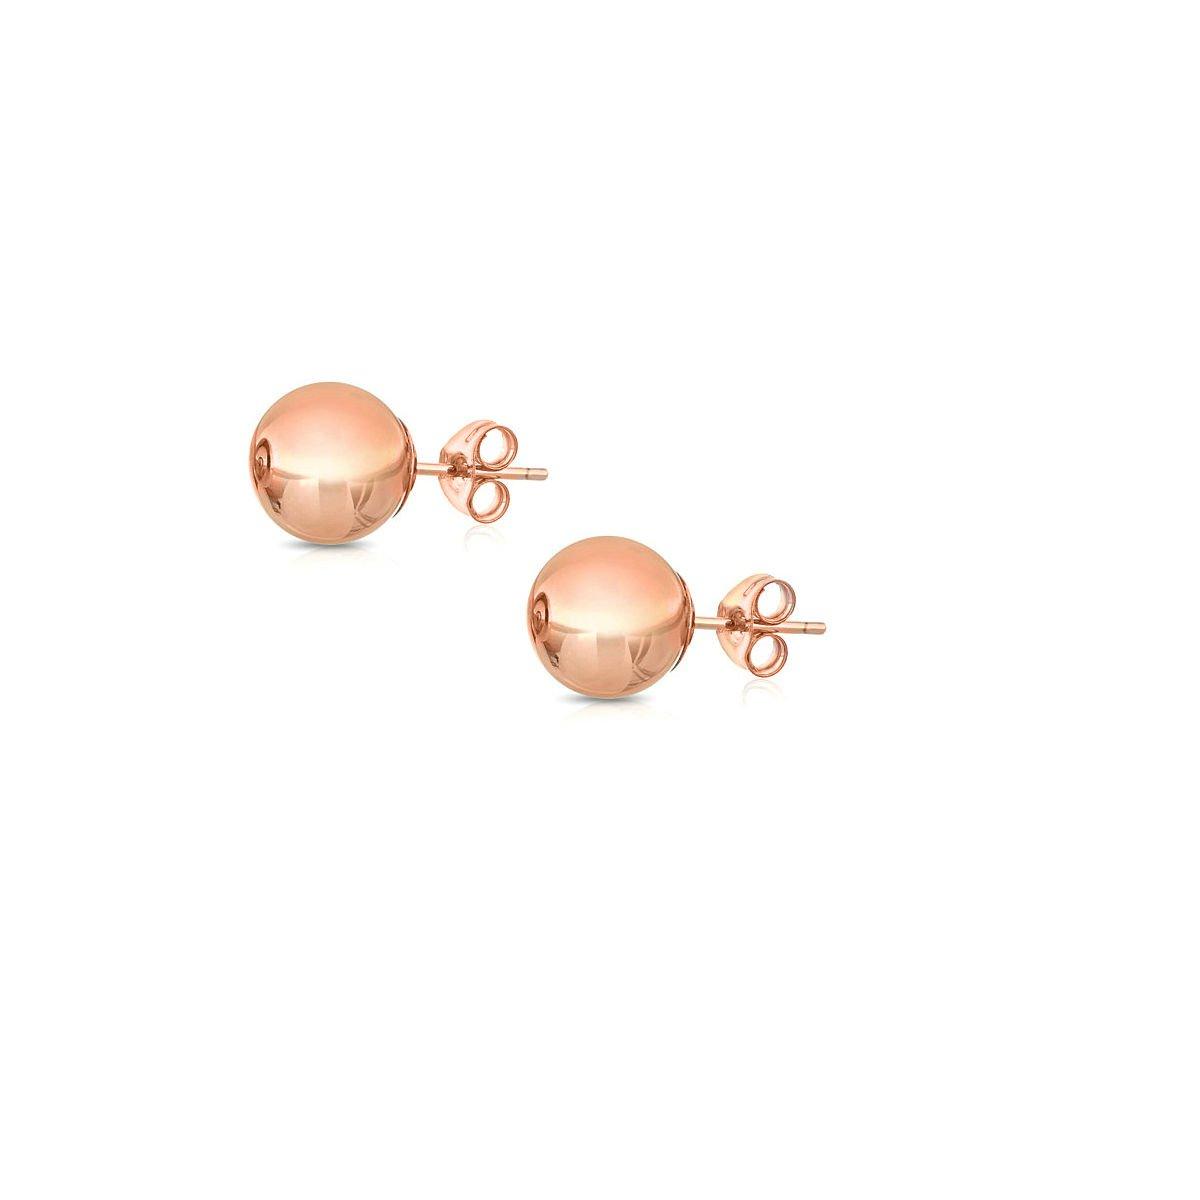 14K Gold Ball Stud Earrings, Sizes 3MM-8MM (Rose Gold, 3)